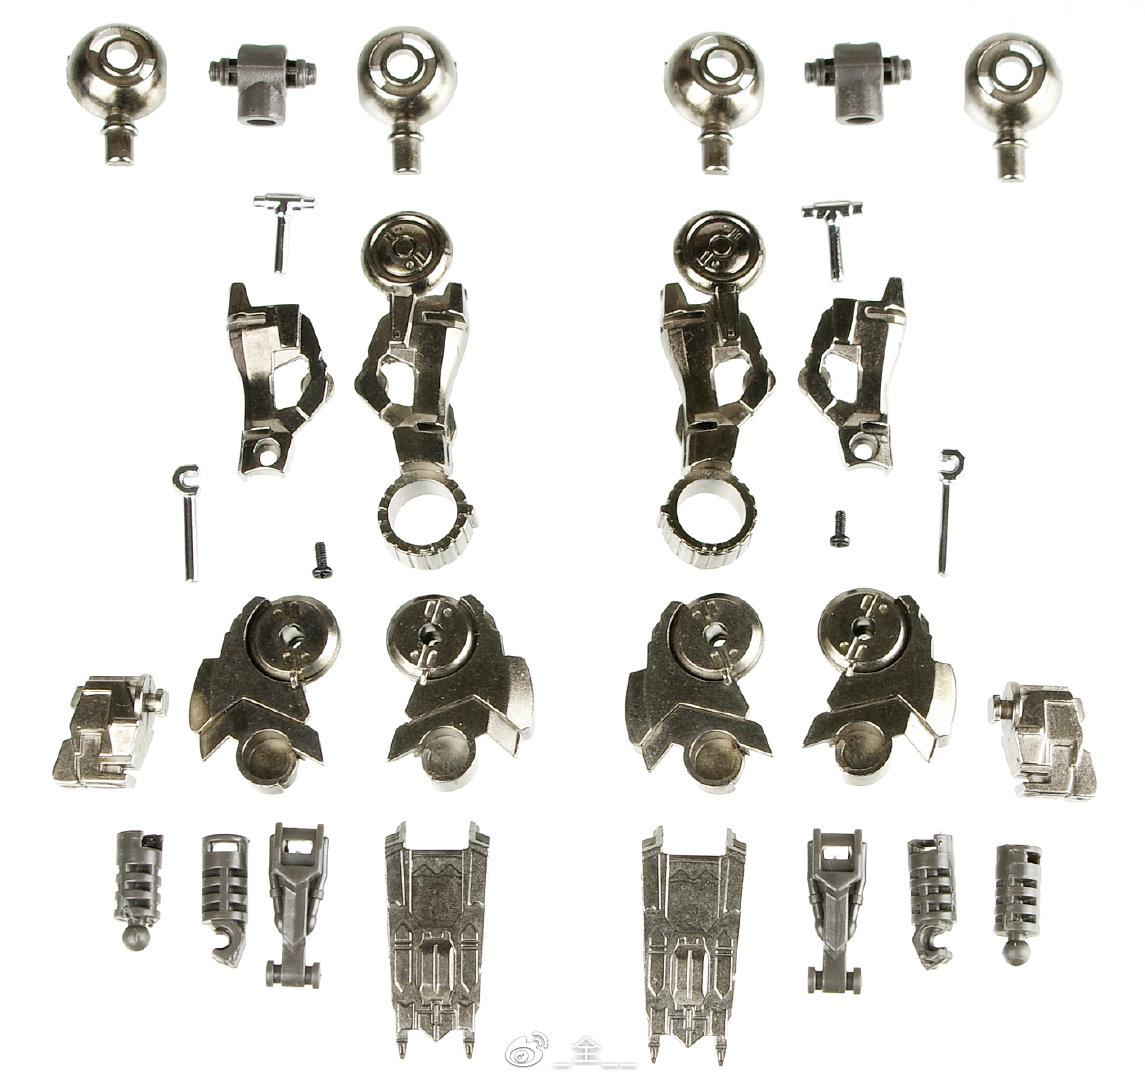 M103_mg_barbatos_metal_frame_parts_set_009_011.jpg